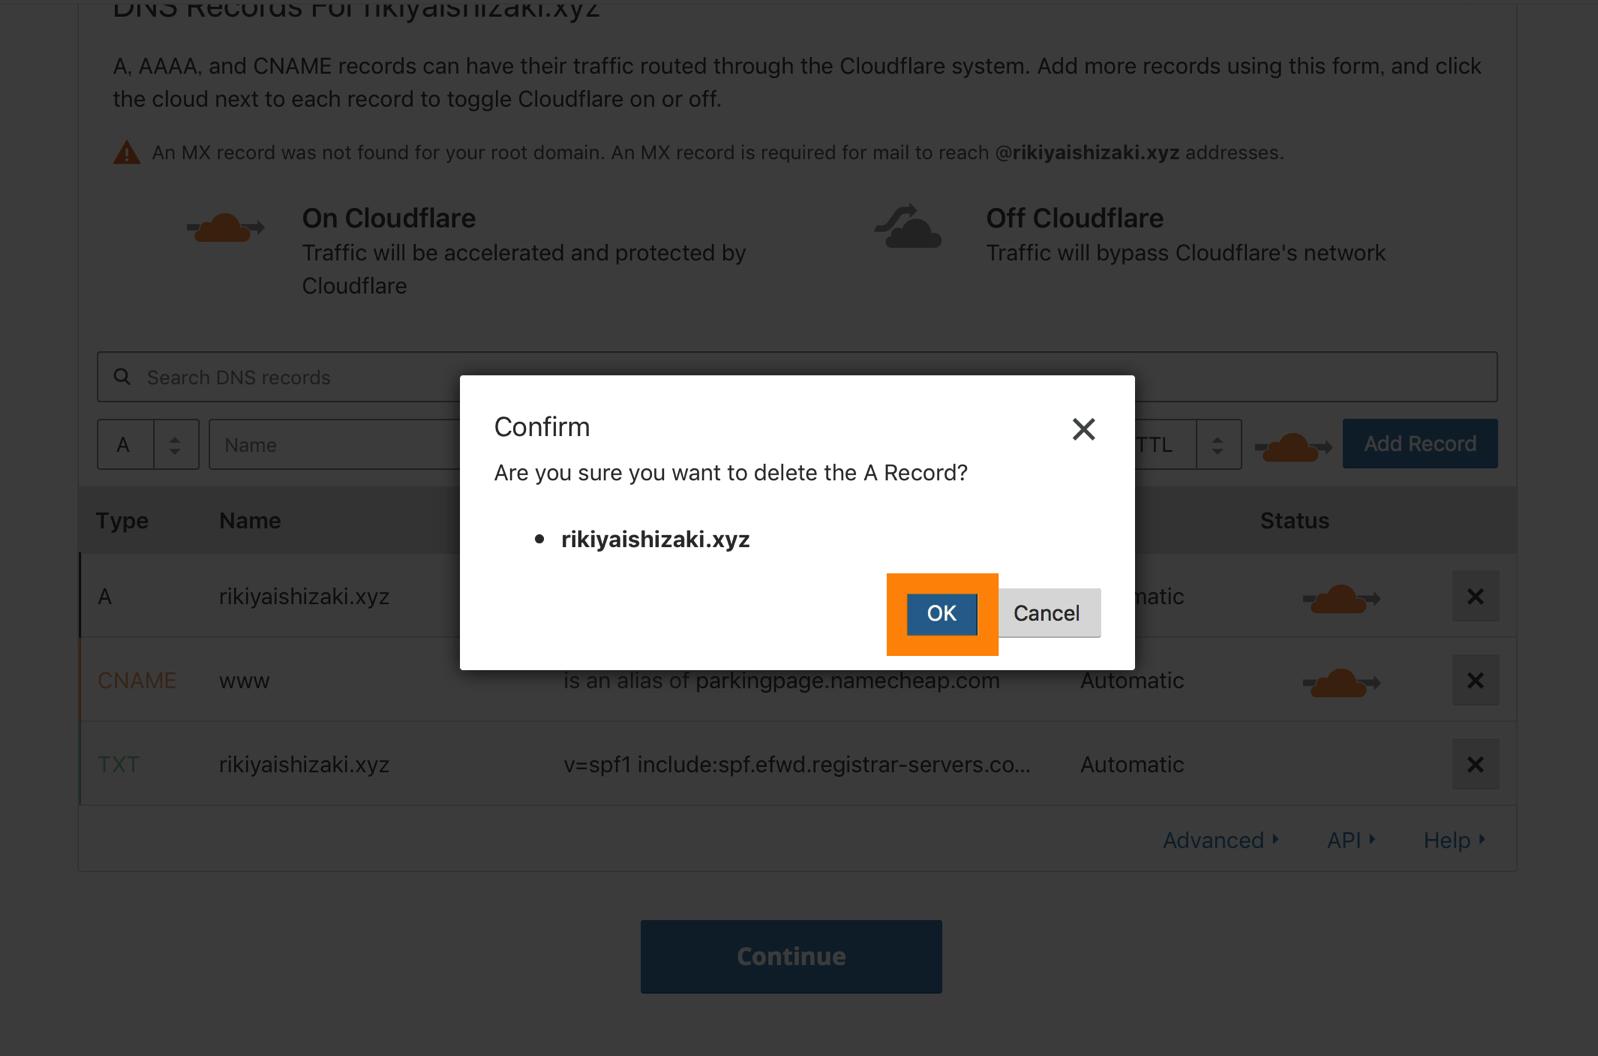 05 CLOUDFLAREで既存のDNSレコードを削除する